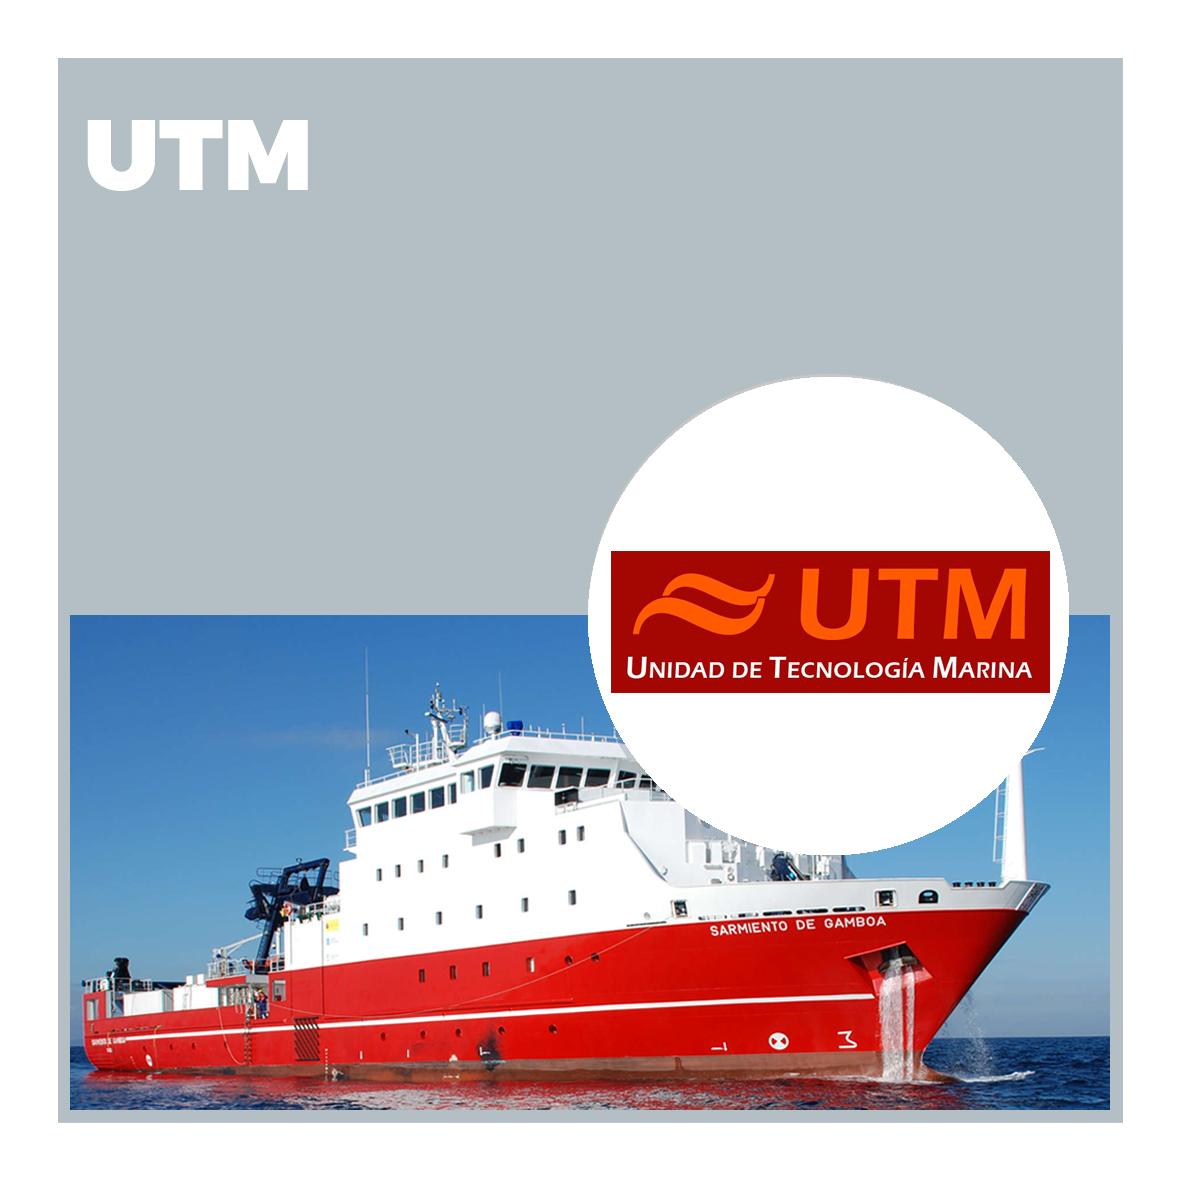 Unidad de Tecnología Marina (UTM)